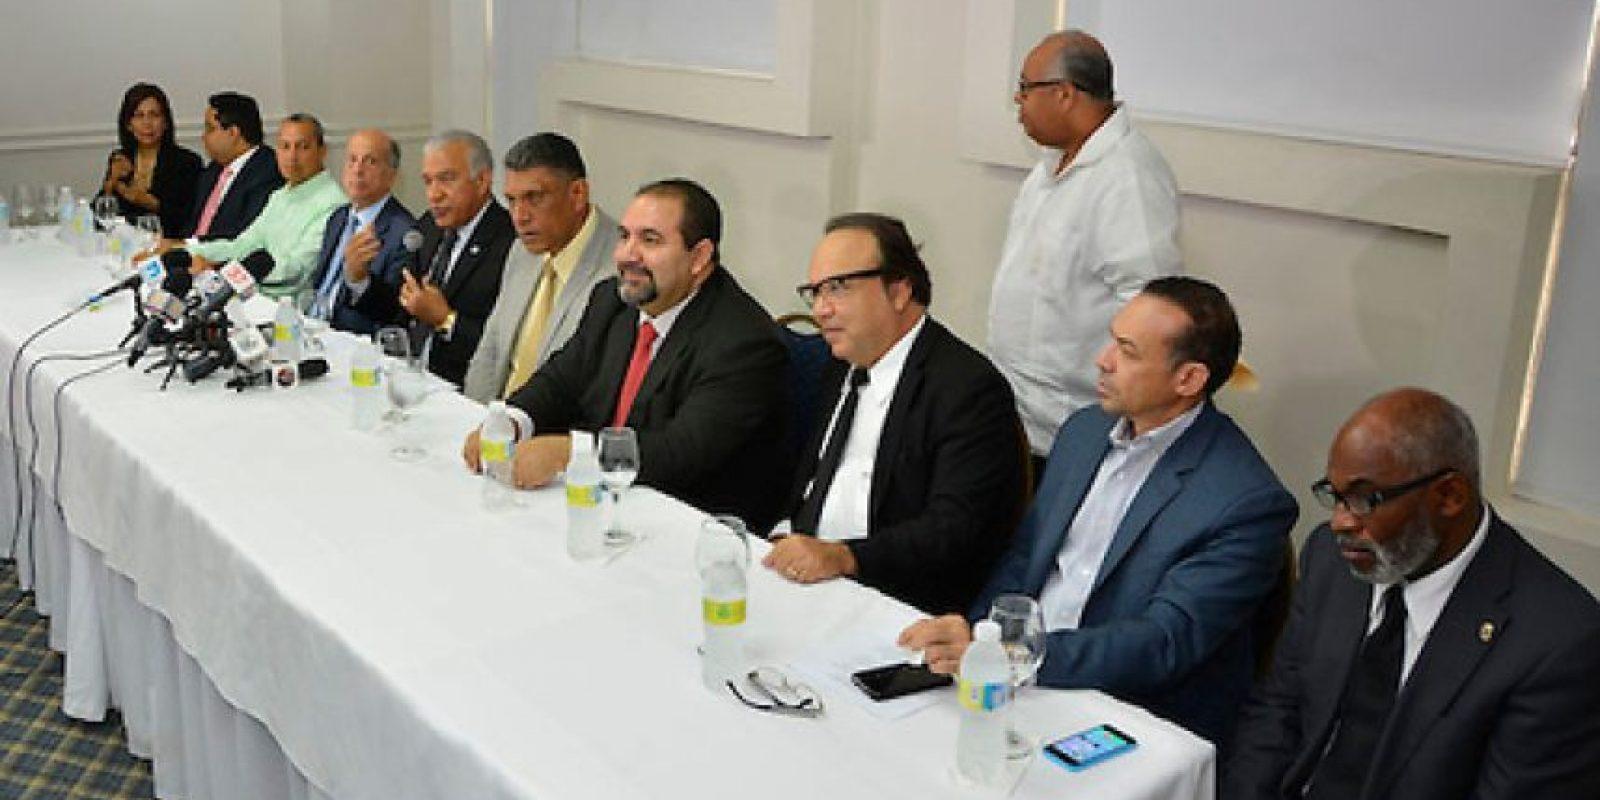 """La oposición aboga por miembros """"apartidistas que garanticen independencia e imparcialidad"""". Foto:Fuente externa"""